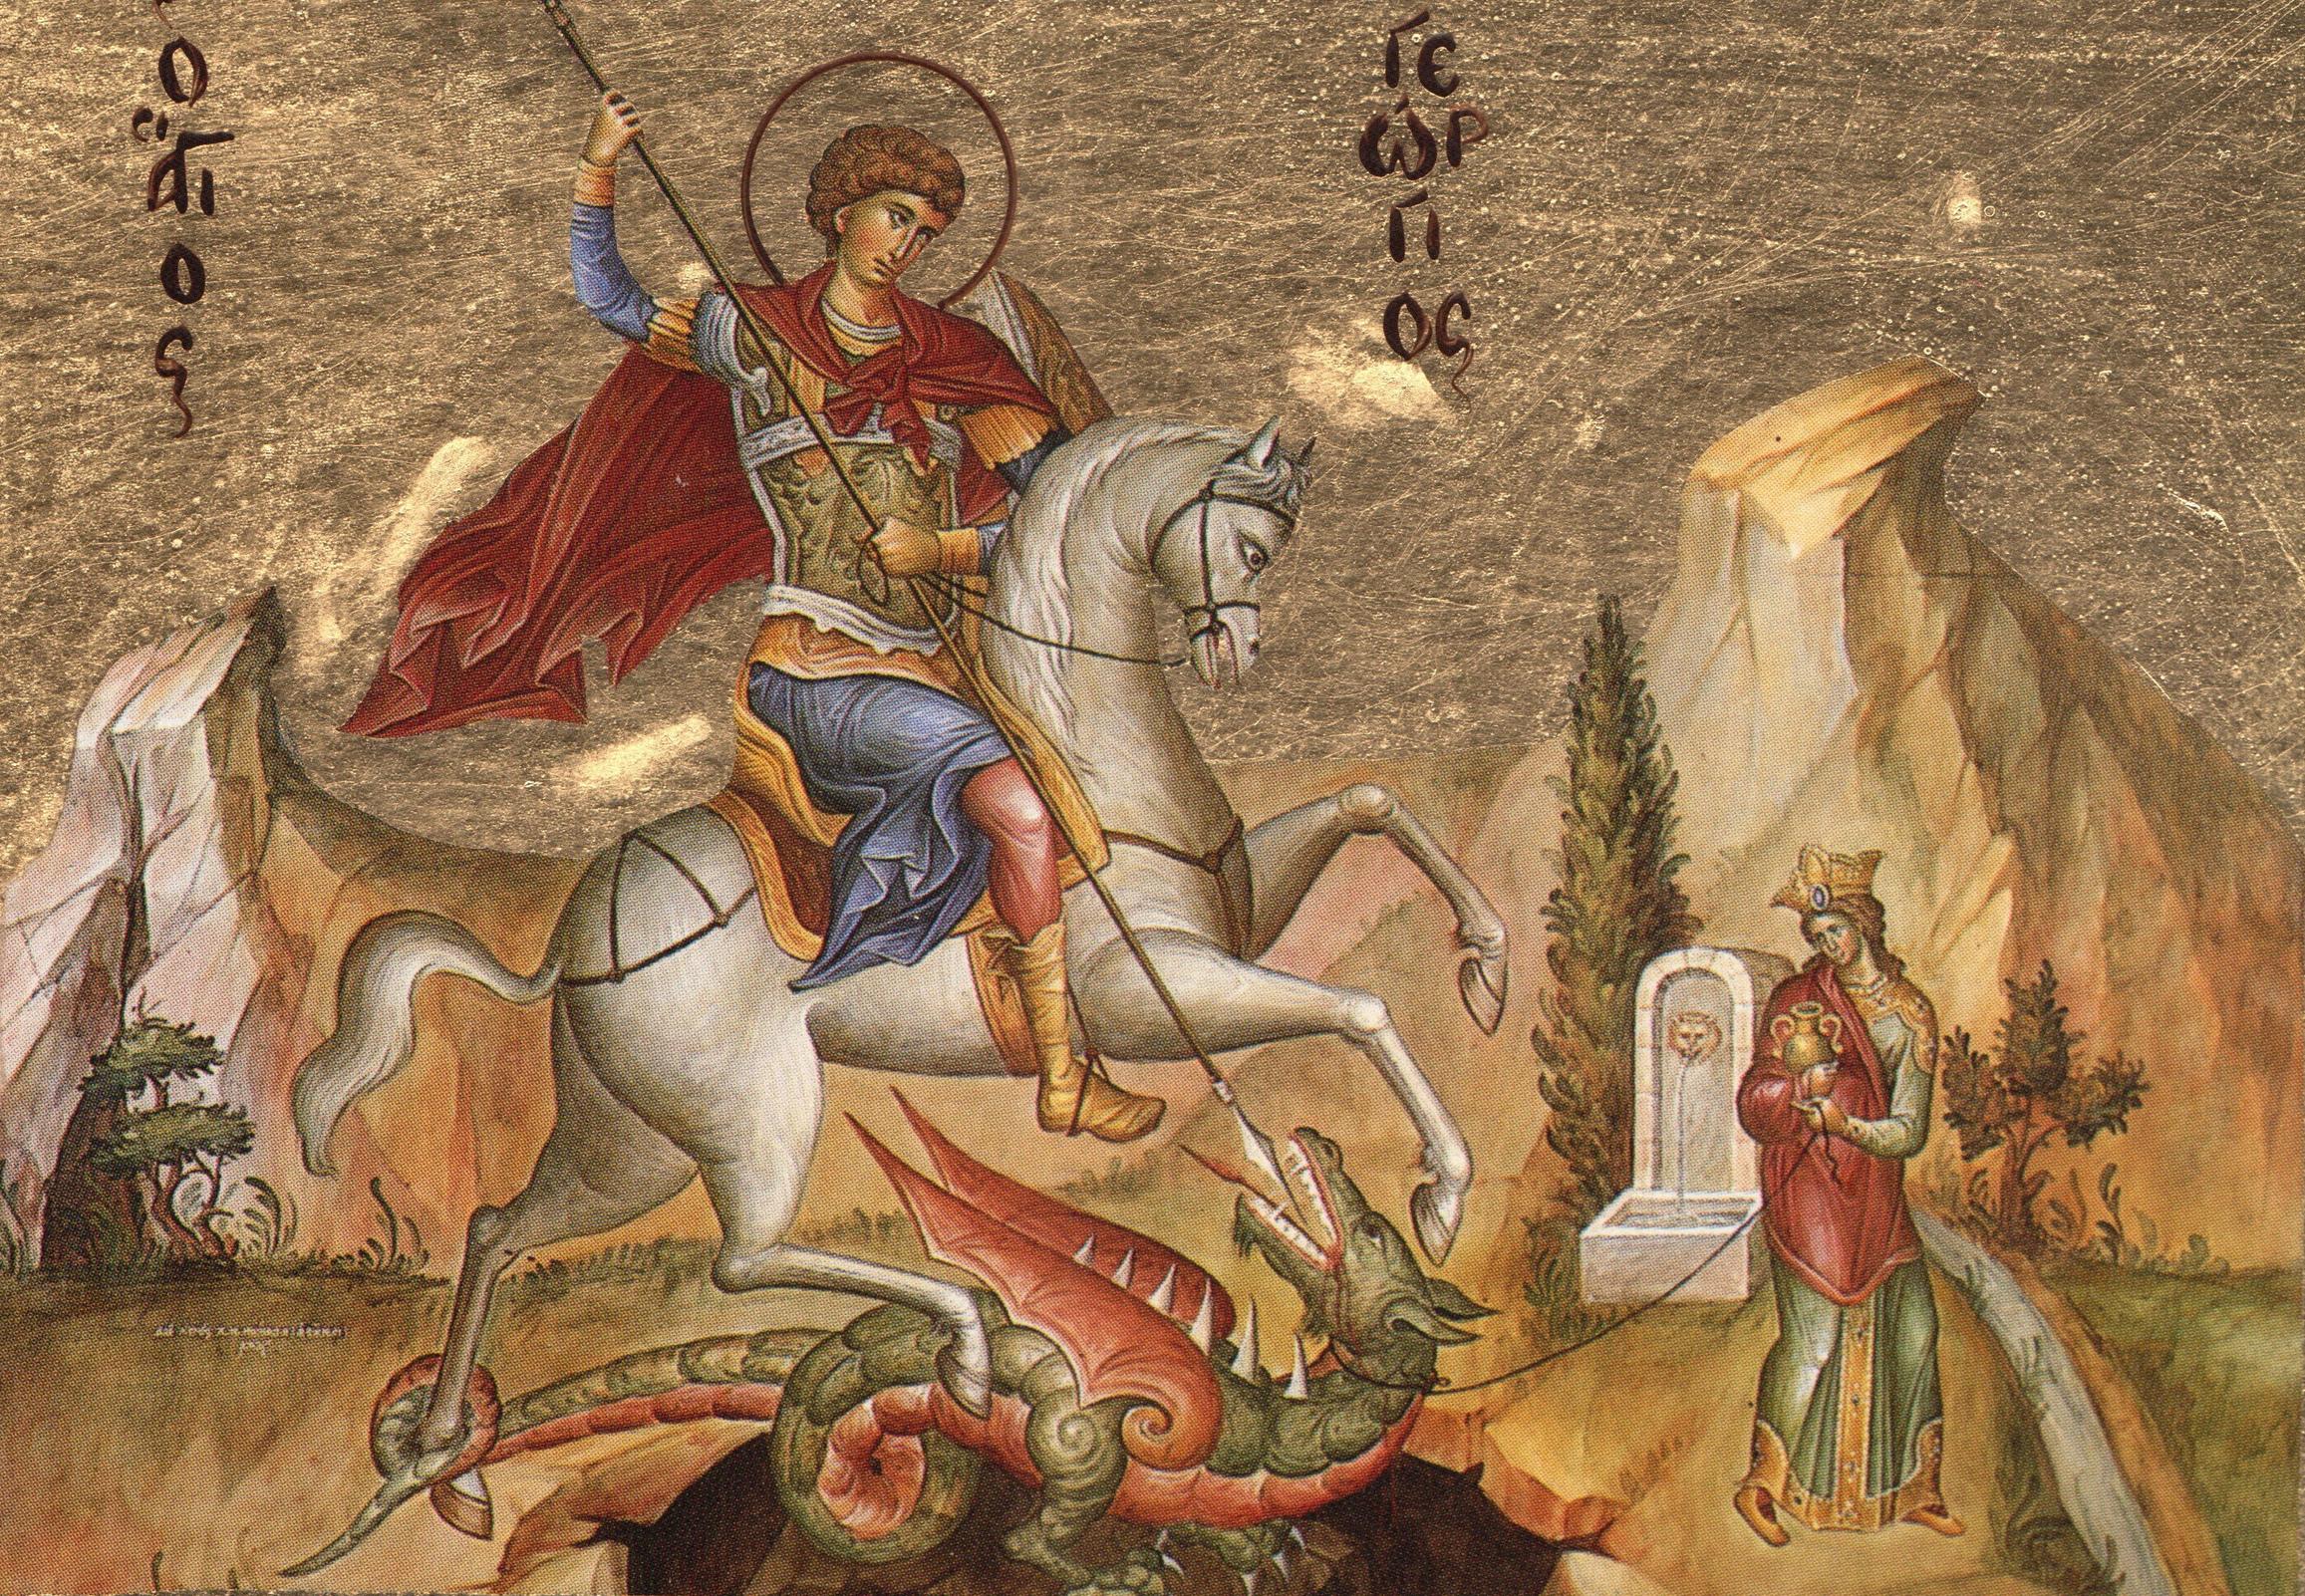 (ВИДЕО) Святой великомученик Георгий Победоносец – святой из Ливанских гор